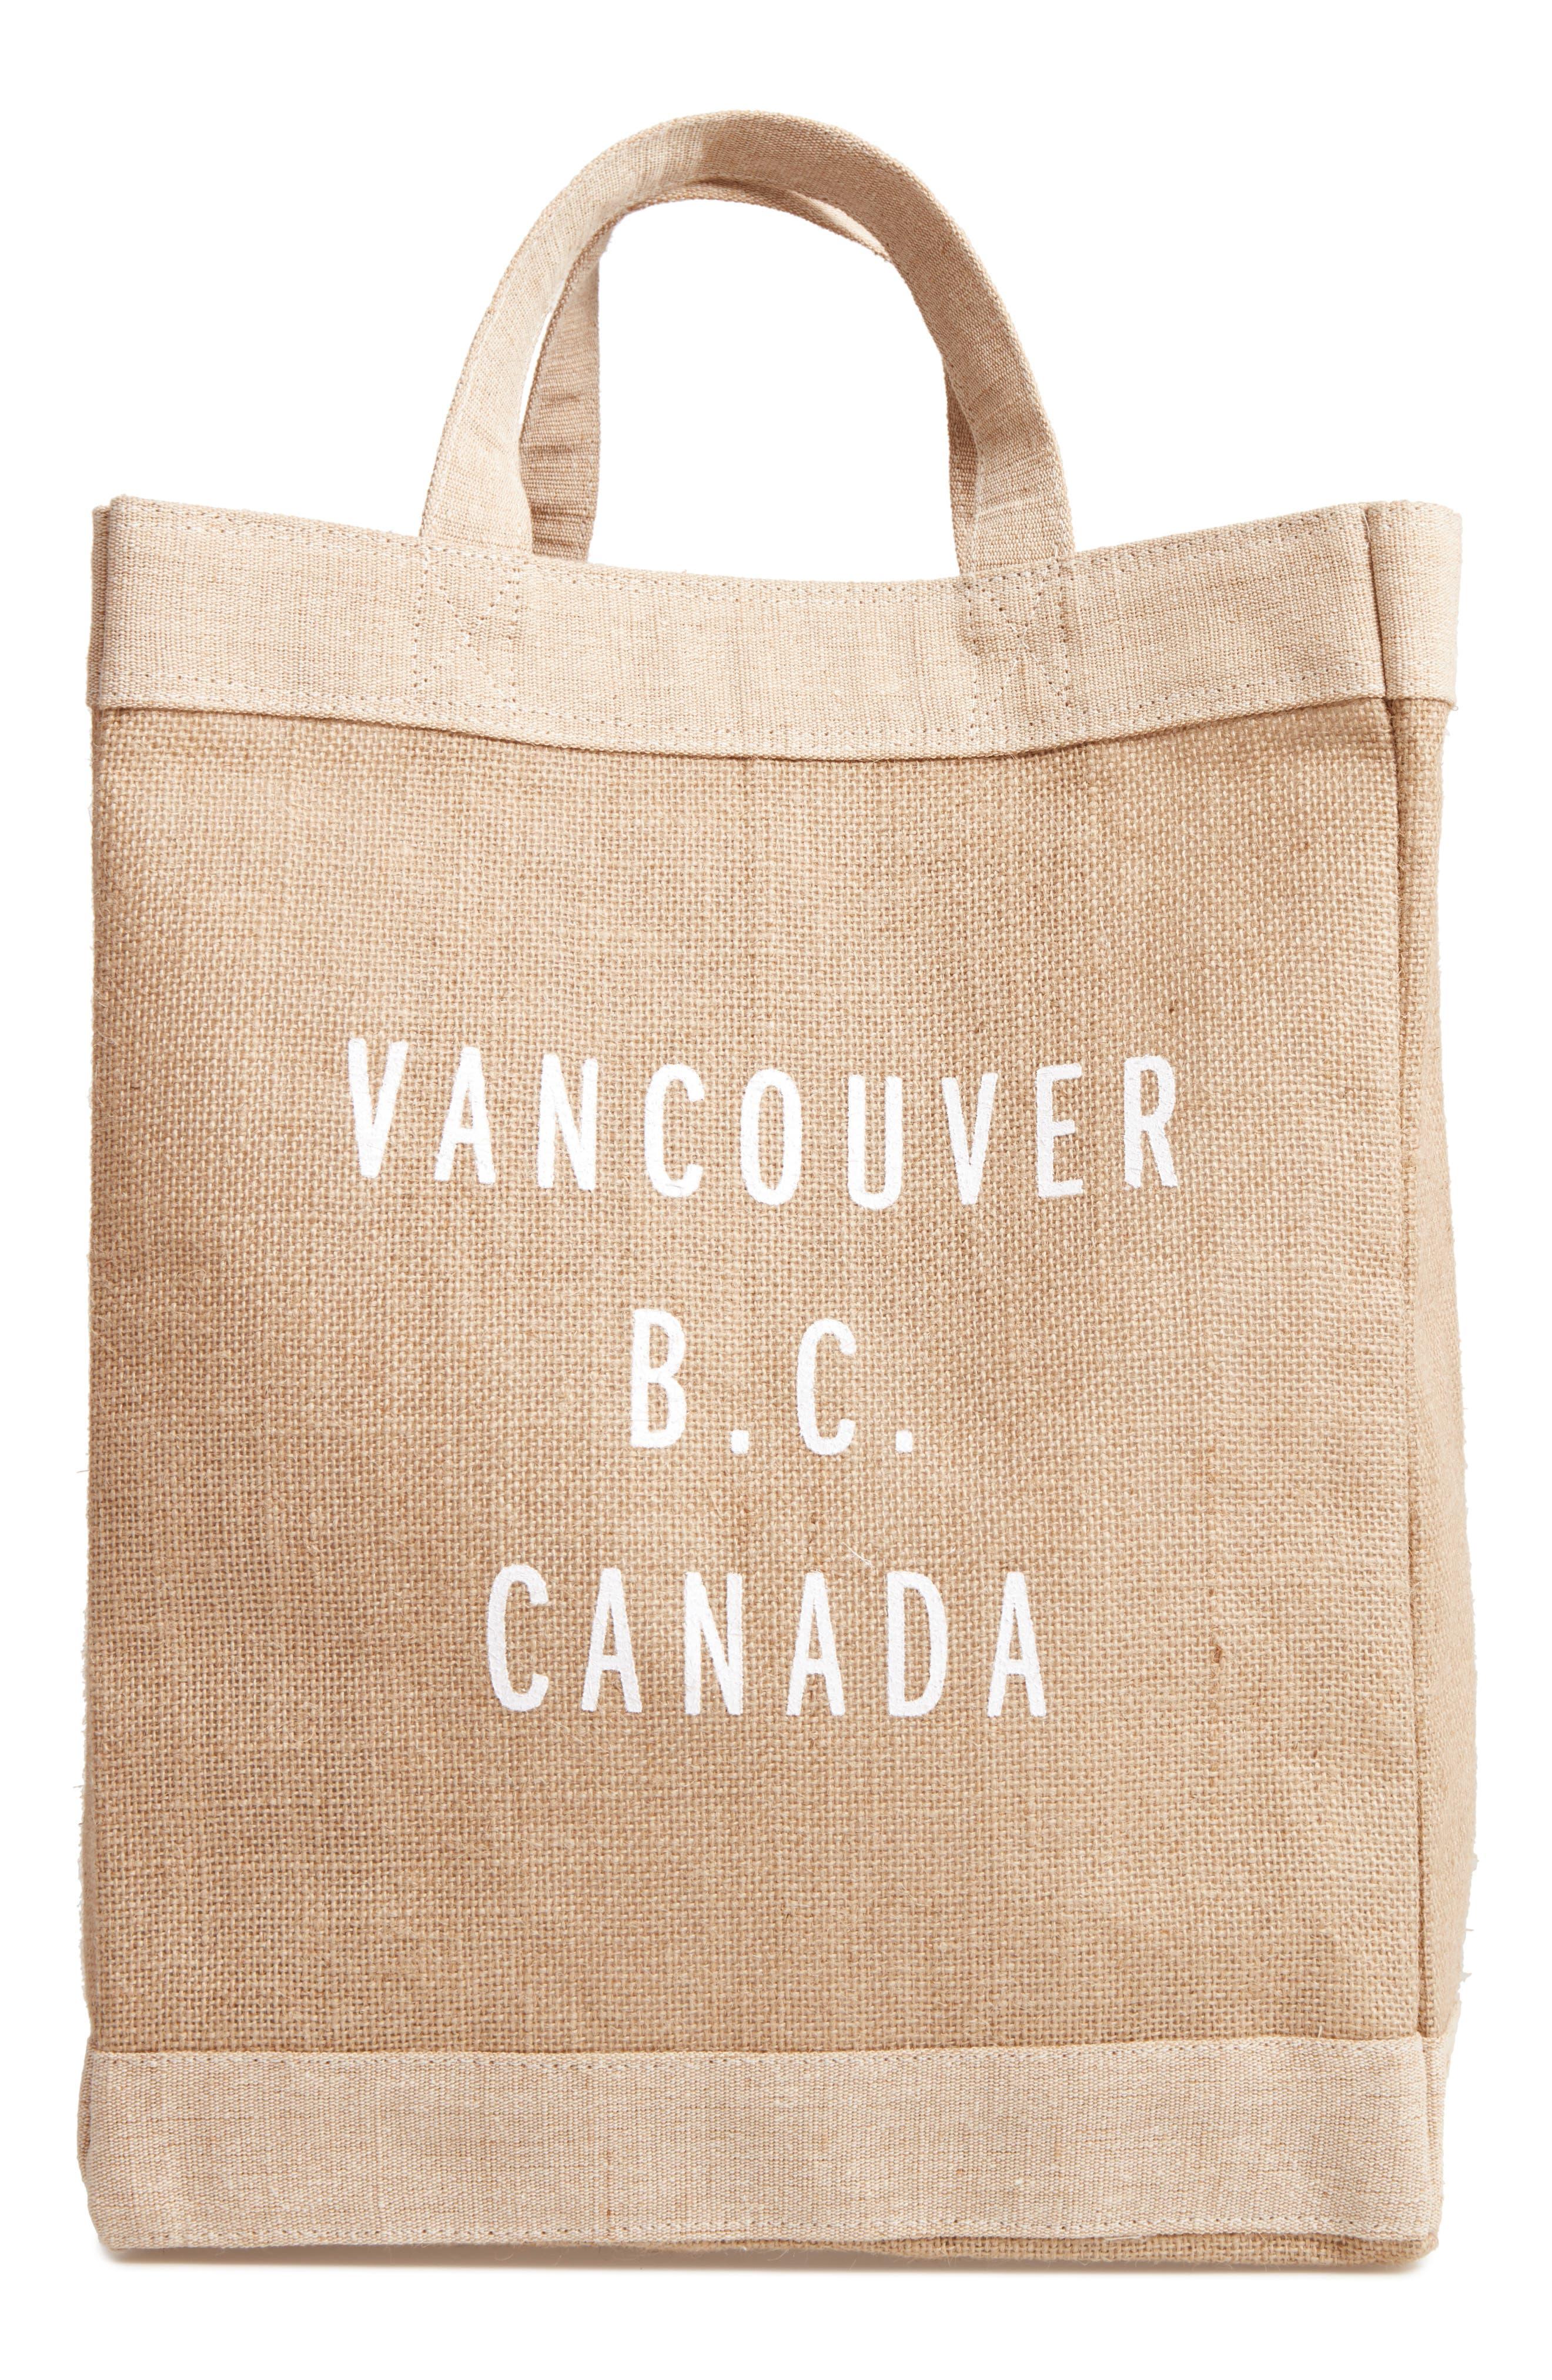 APOLIS Vancouver Simple Market Bag